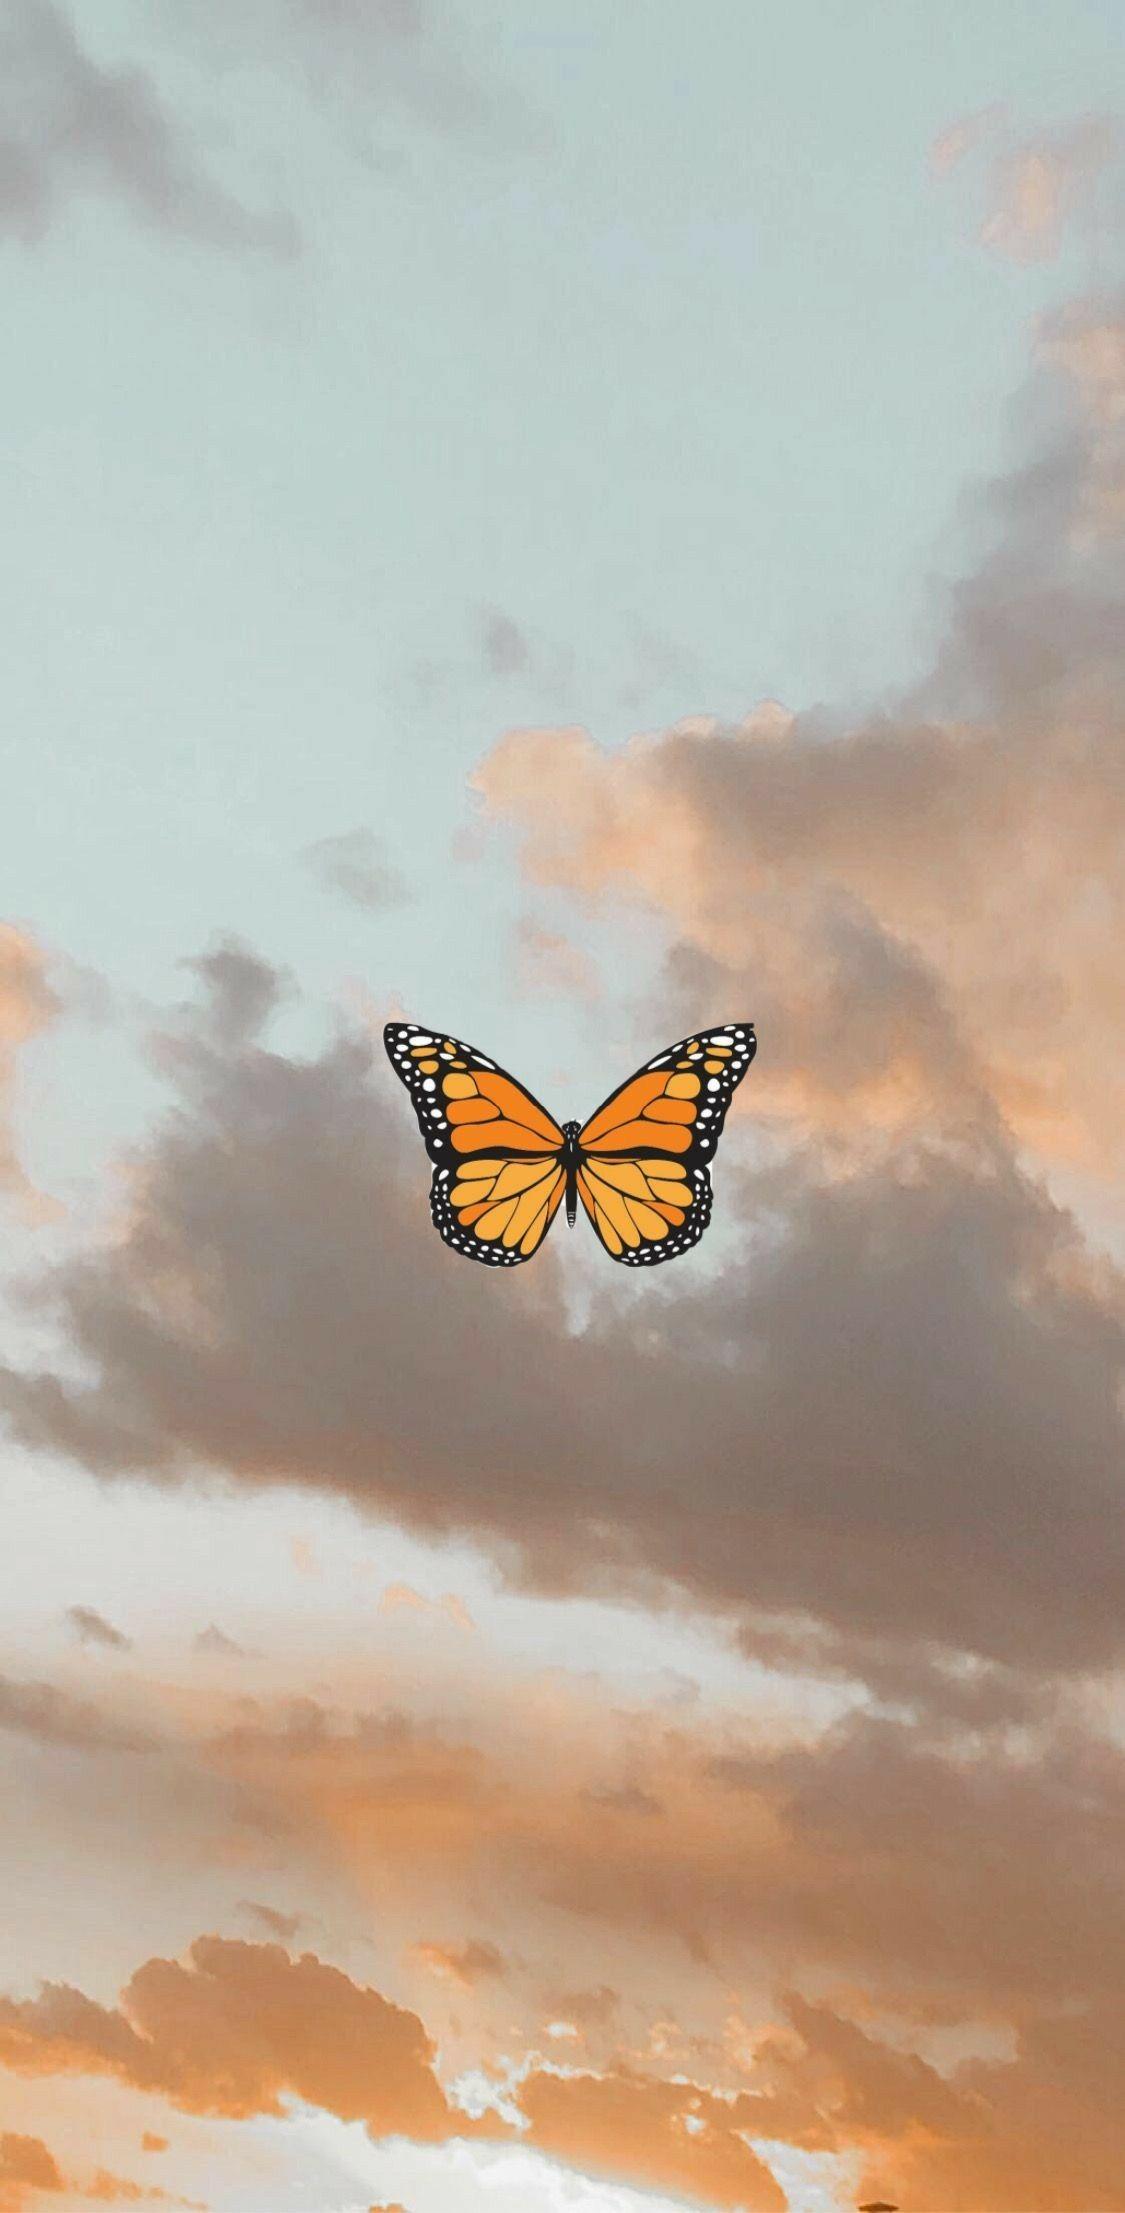 400 Butterfly Aesthetics Ideas In 2020 Butterfly Wallpaper Butterfly Wallpaper Iphone Aesthetic Iphone Wallpaper